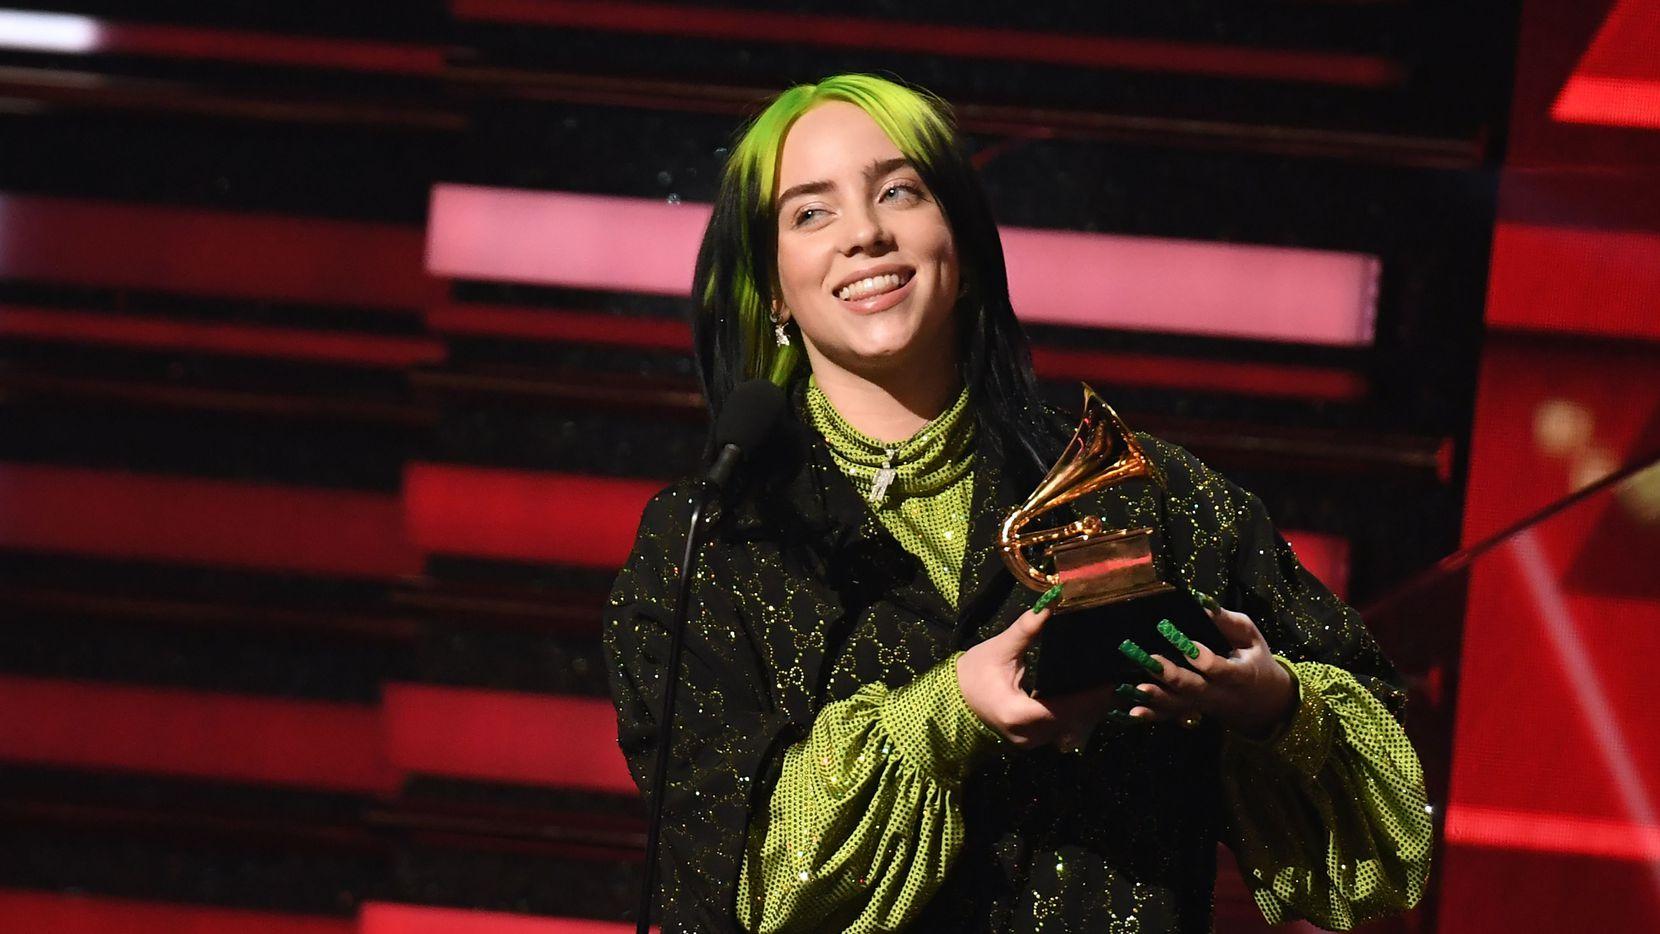 Billie Eilish ganó en la categoría de Mejor Artista Nueva, durante la 62 ceremonia de entrega de premios Grammy, el 26 de enero de 2020 en Los Ángeles.